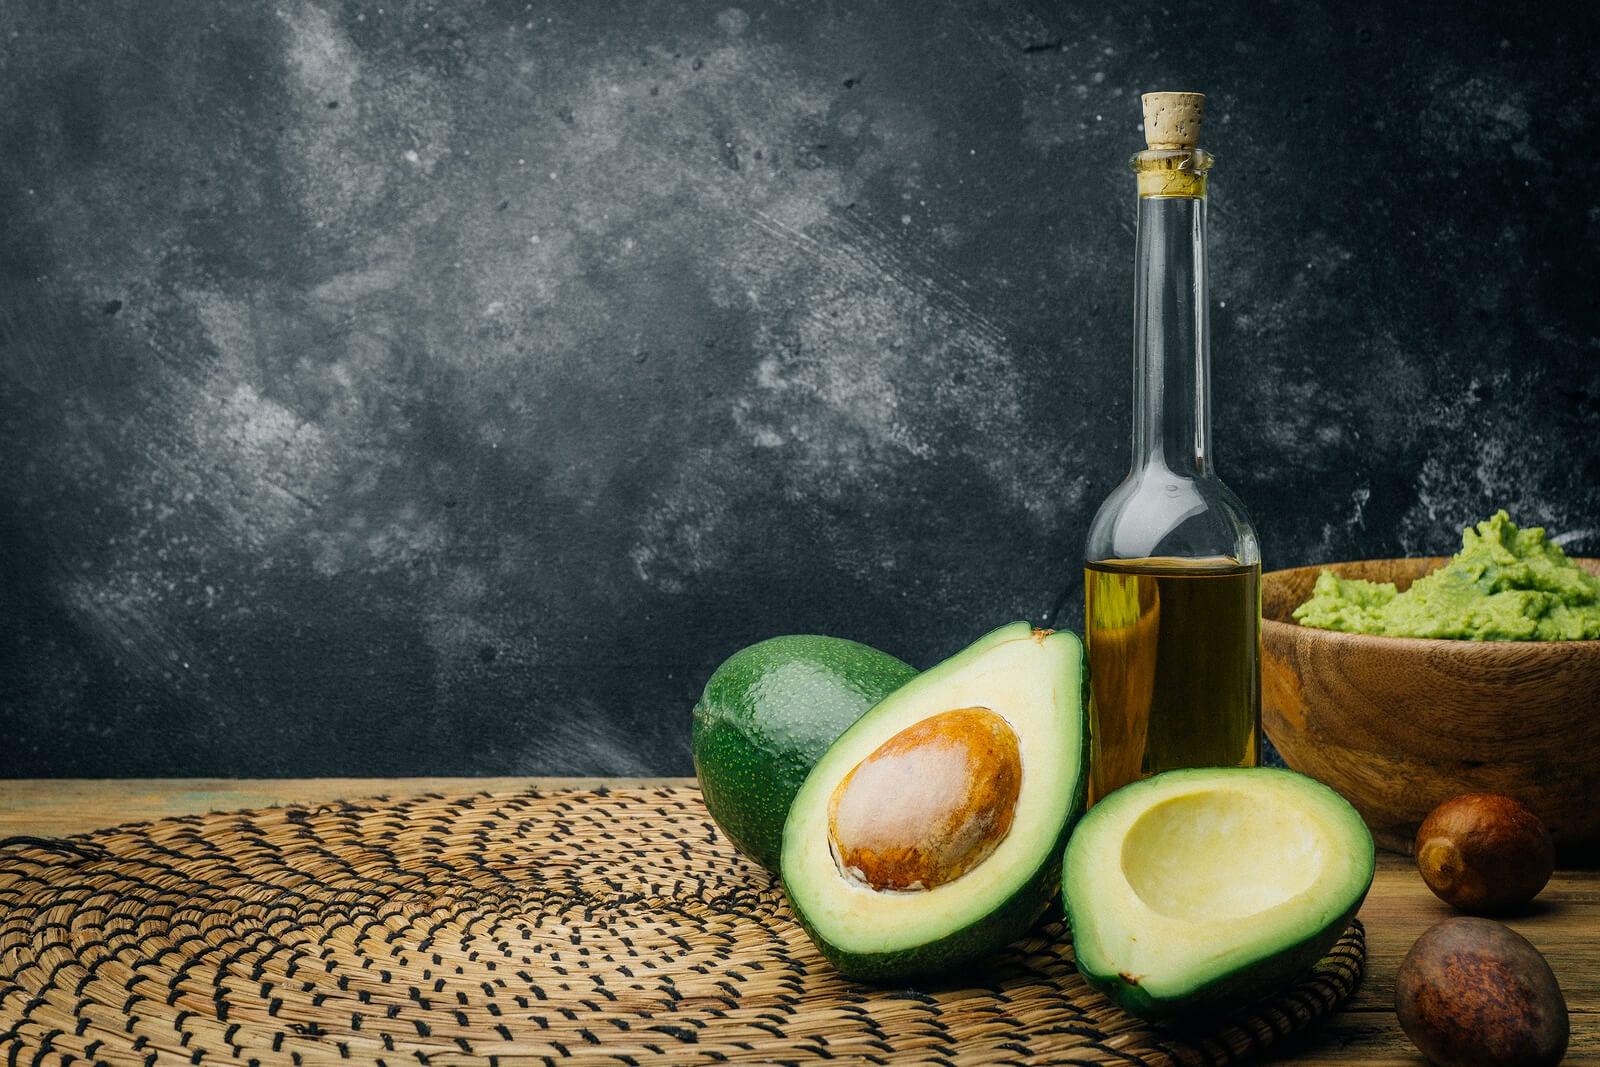 Botella de aceite de oliva y un aguacate, fuentes de grasas saludables.